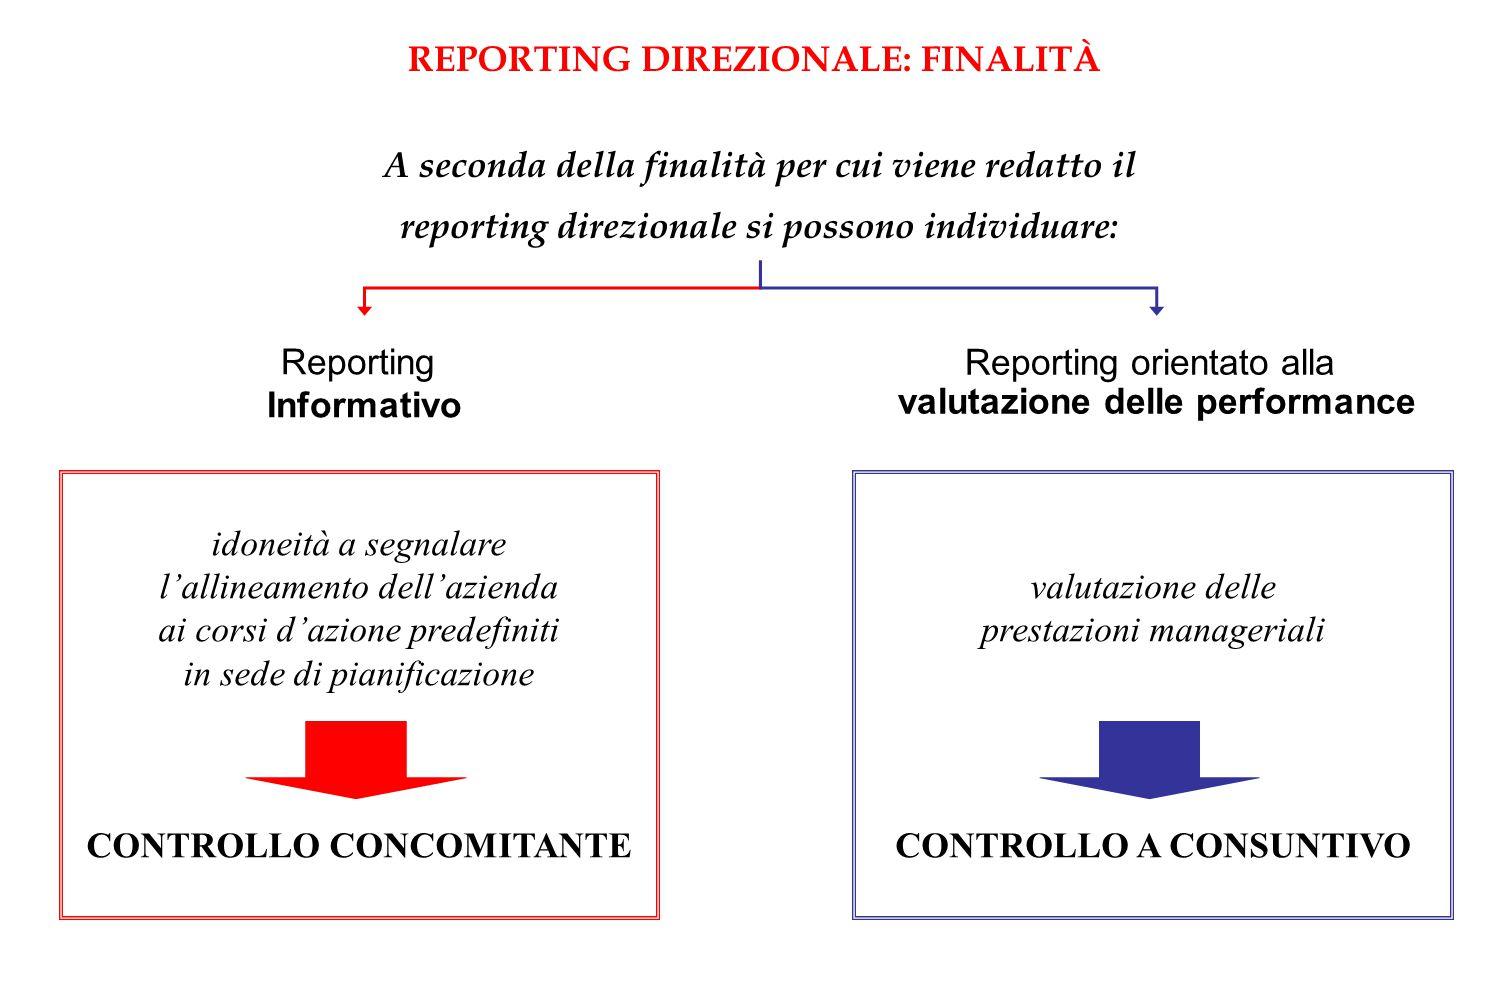 REPORTING DIREZIONALE: FINALITÀ A seconda della finalità per cui viene redatto il reporting direzionale si possono individuare: Reporting Informativo